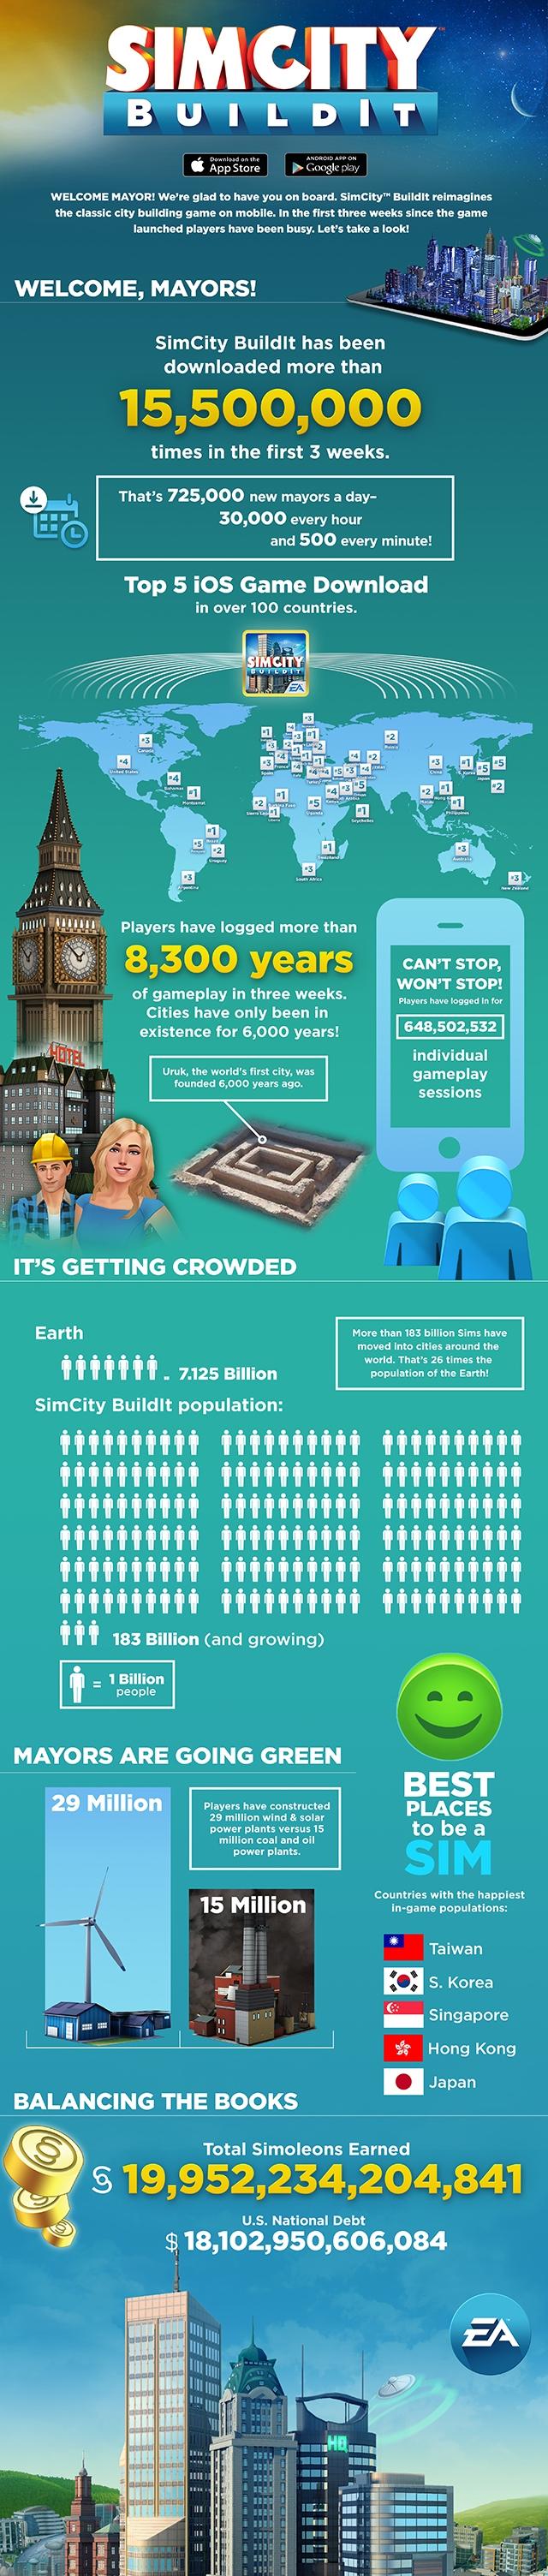 SimCity BuildIt загрузили 15 миллионов раз за три недели